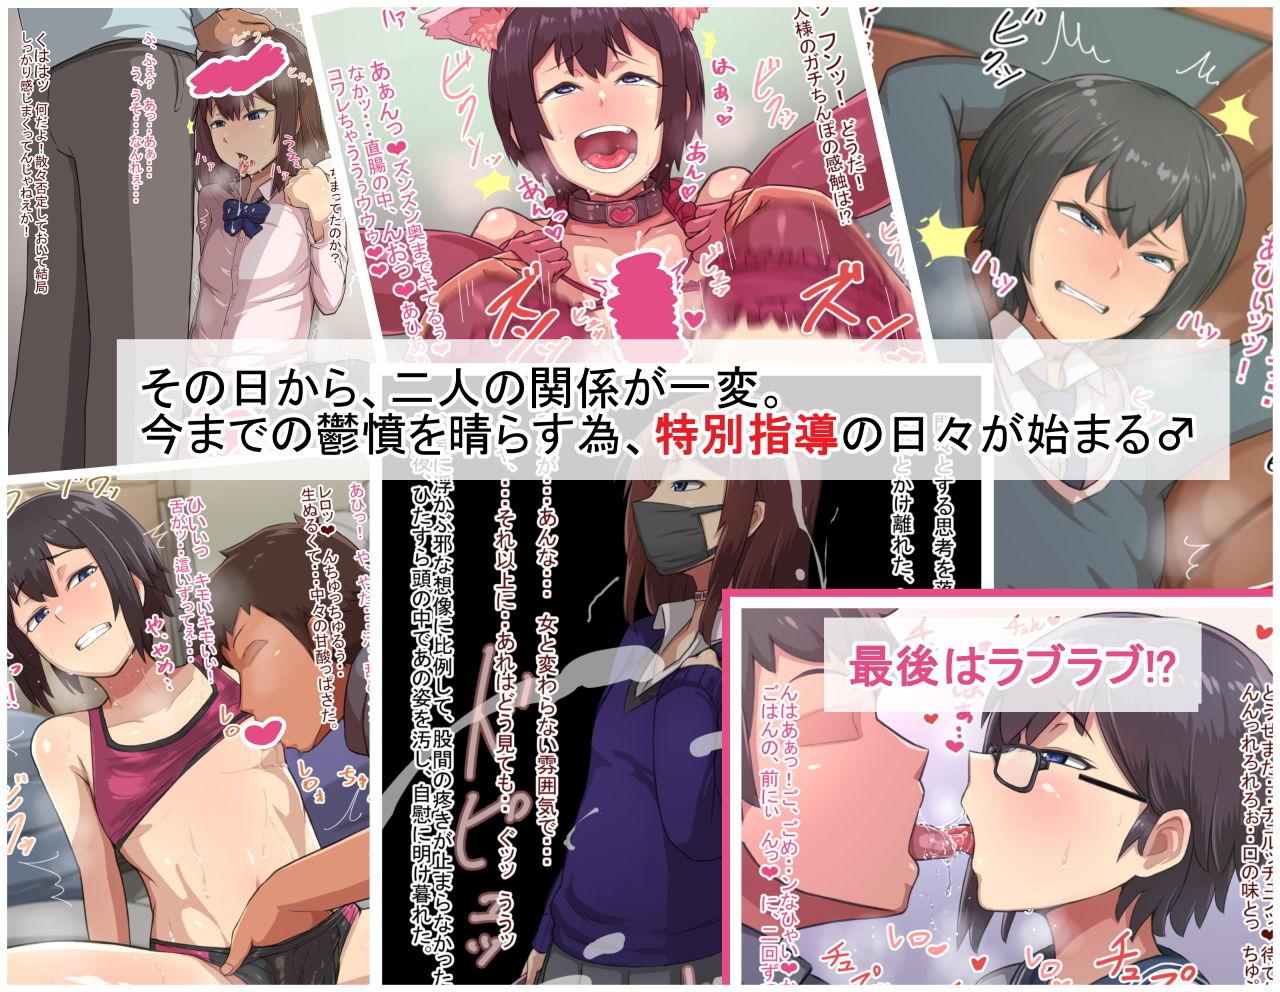 オトコノコト×× No.1〜女装趣味の教え子編〜 画像